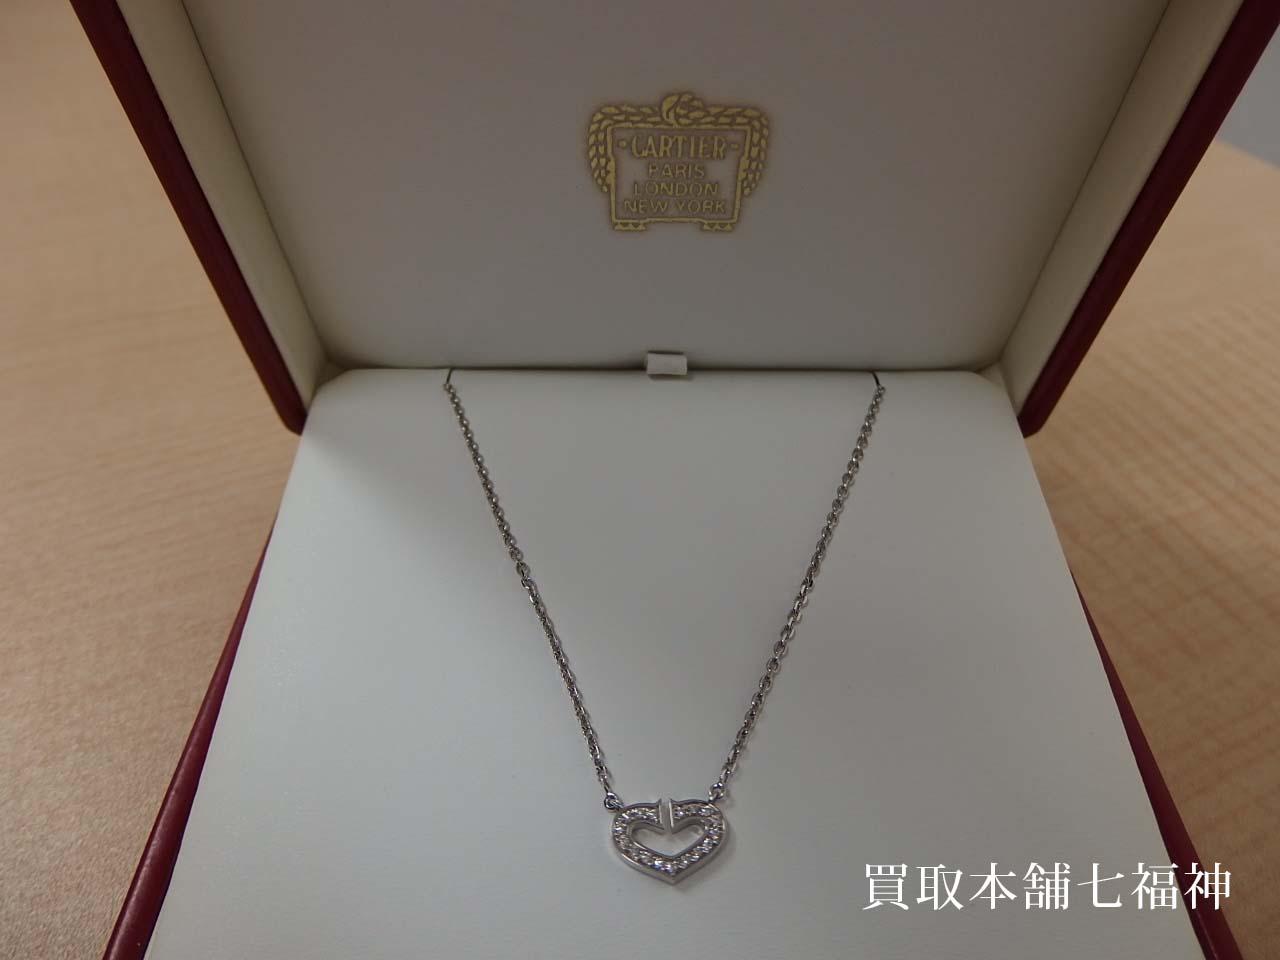 Cartier(カルティエ)のCハートダイヤネックレス